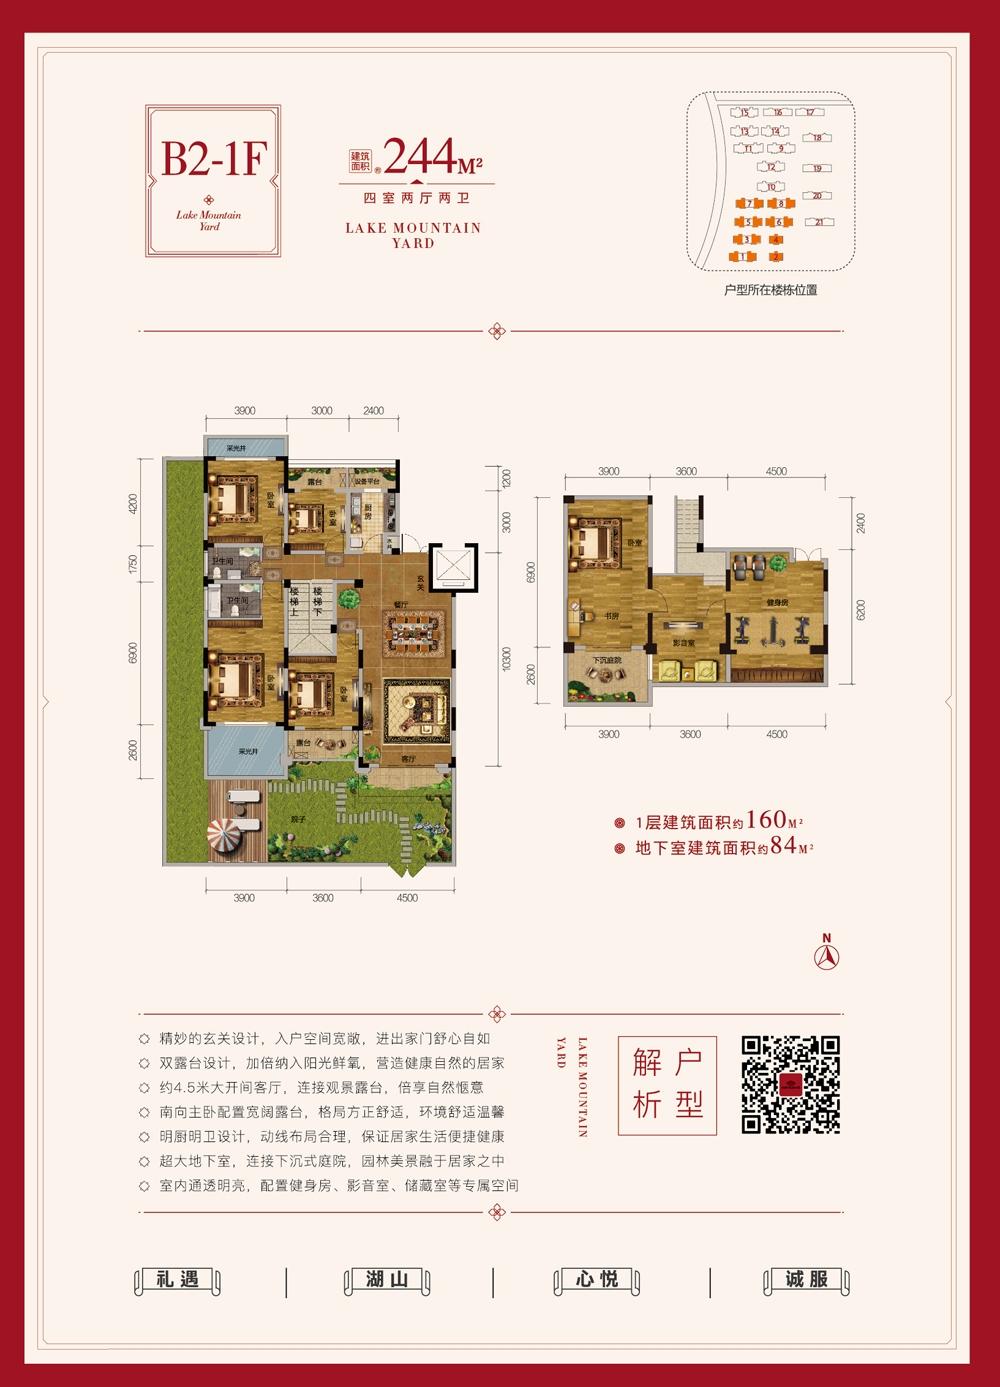 悦湖山院B2-1户型244㎡